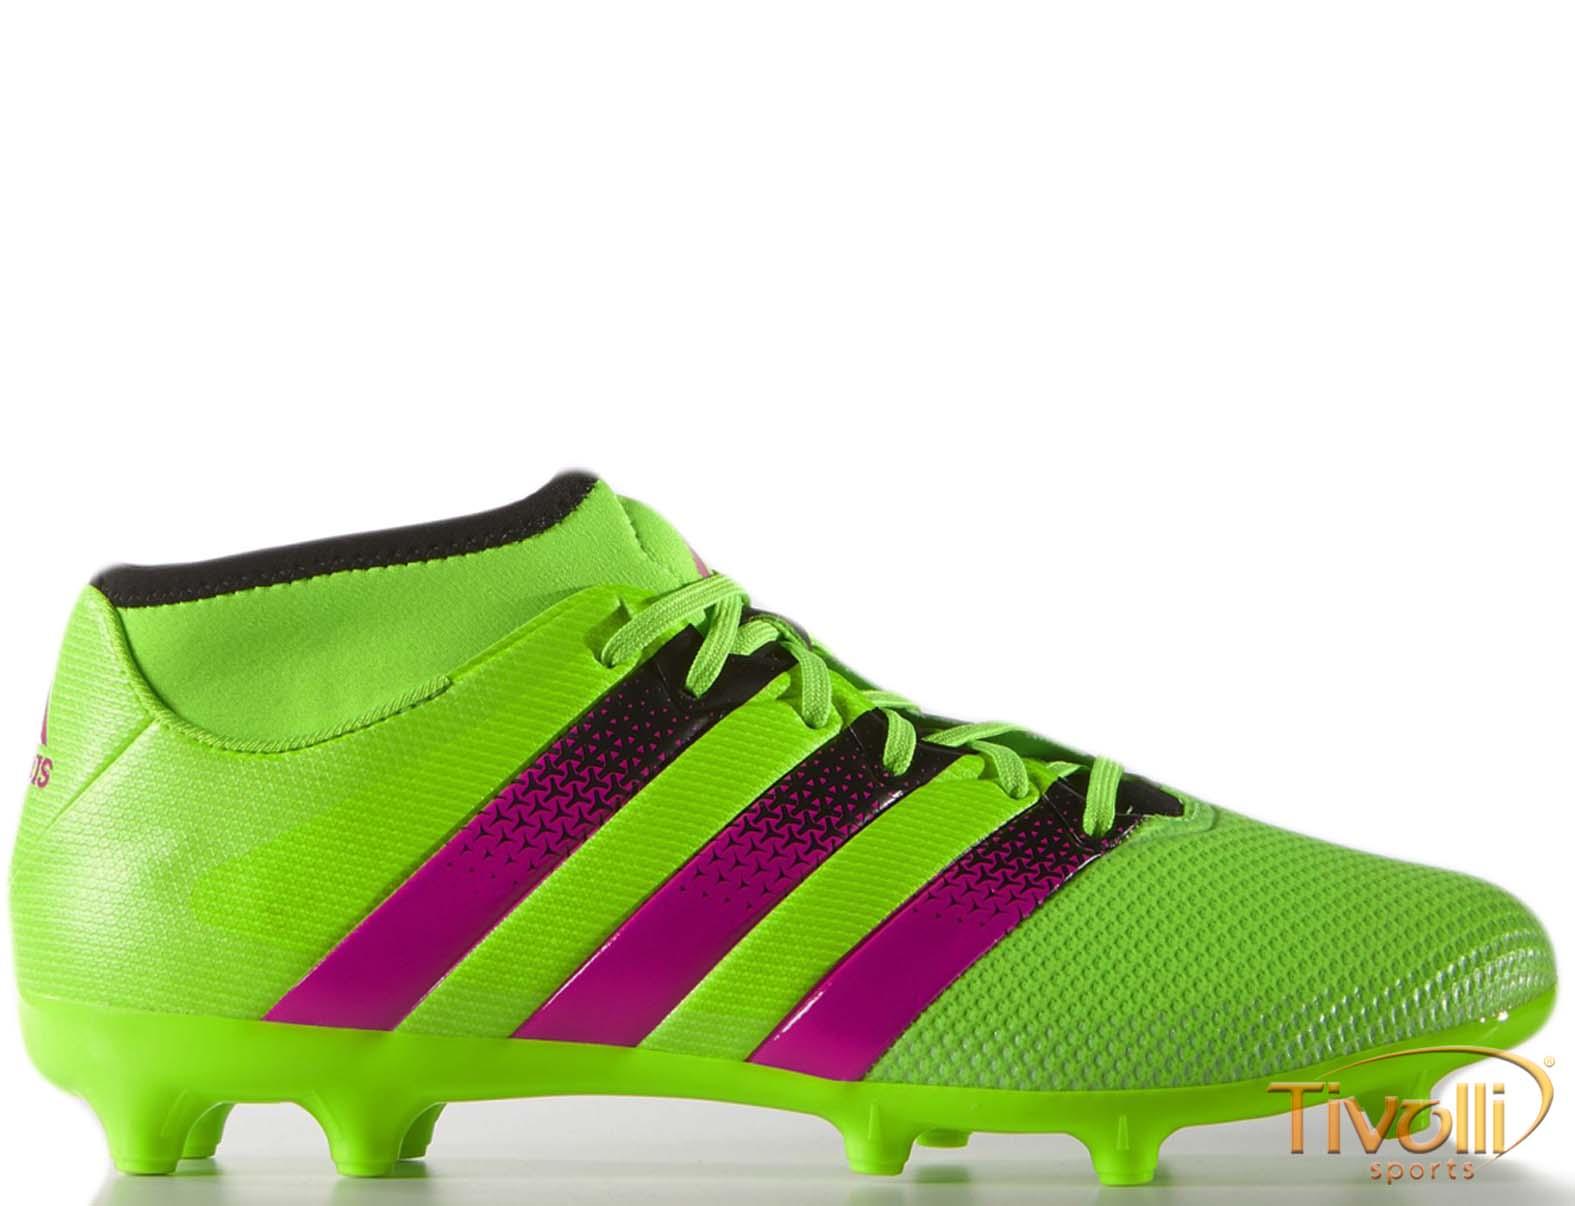 Chuteira Adidas Ace 16.3 Primemesh FG AG Futebol de Campo - Mega Saldão c82ae720f463c